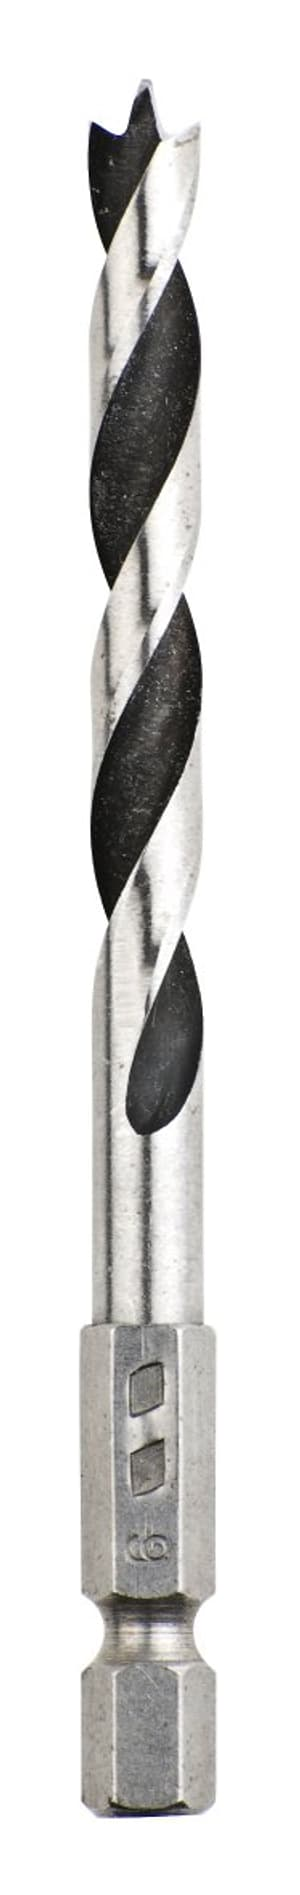 """Spiralbohrer mit Sechskantaufnahme 1/4"""", ø 5 mm"""